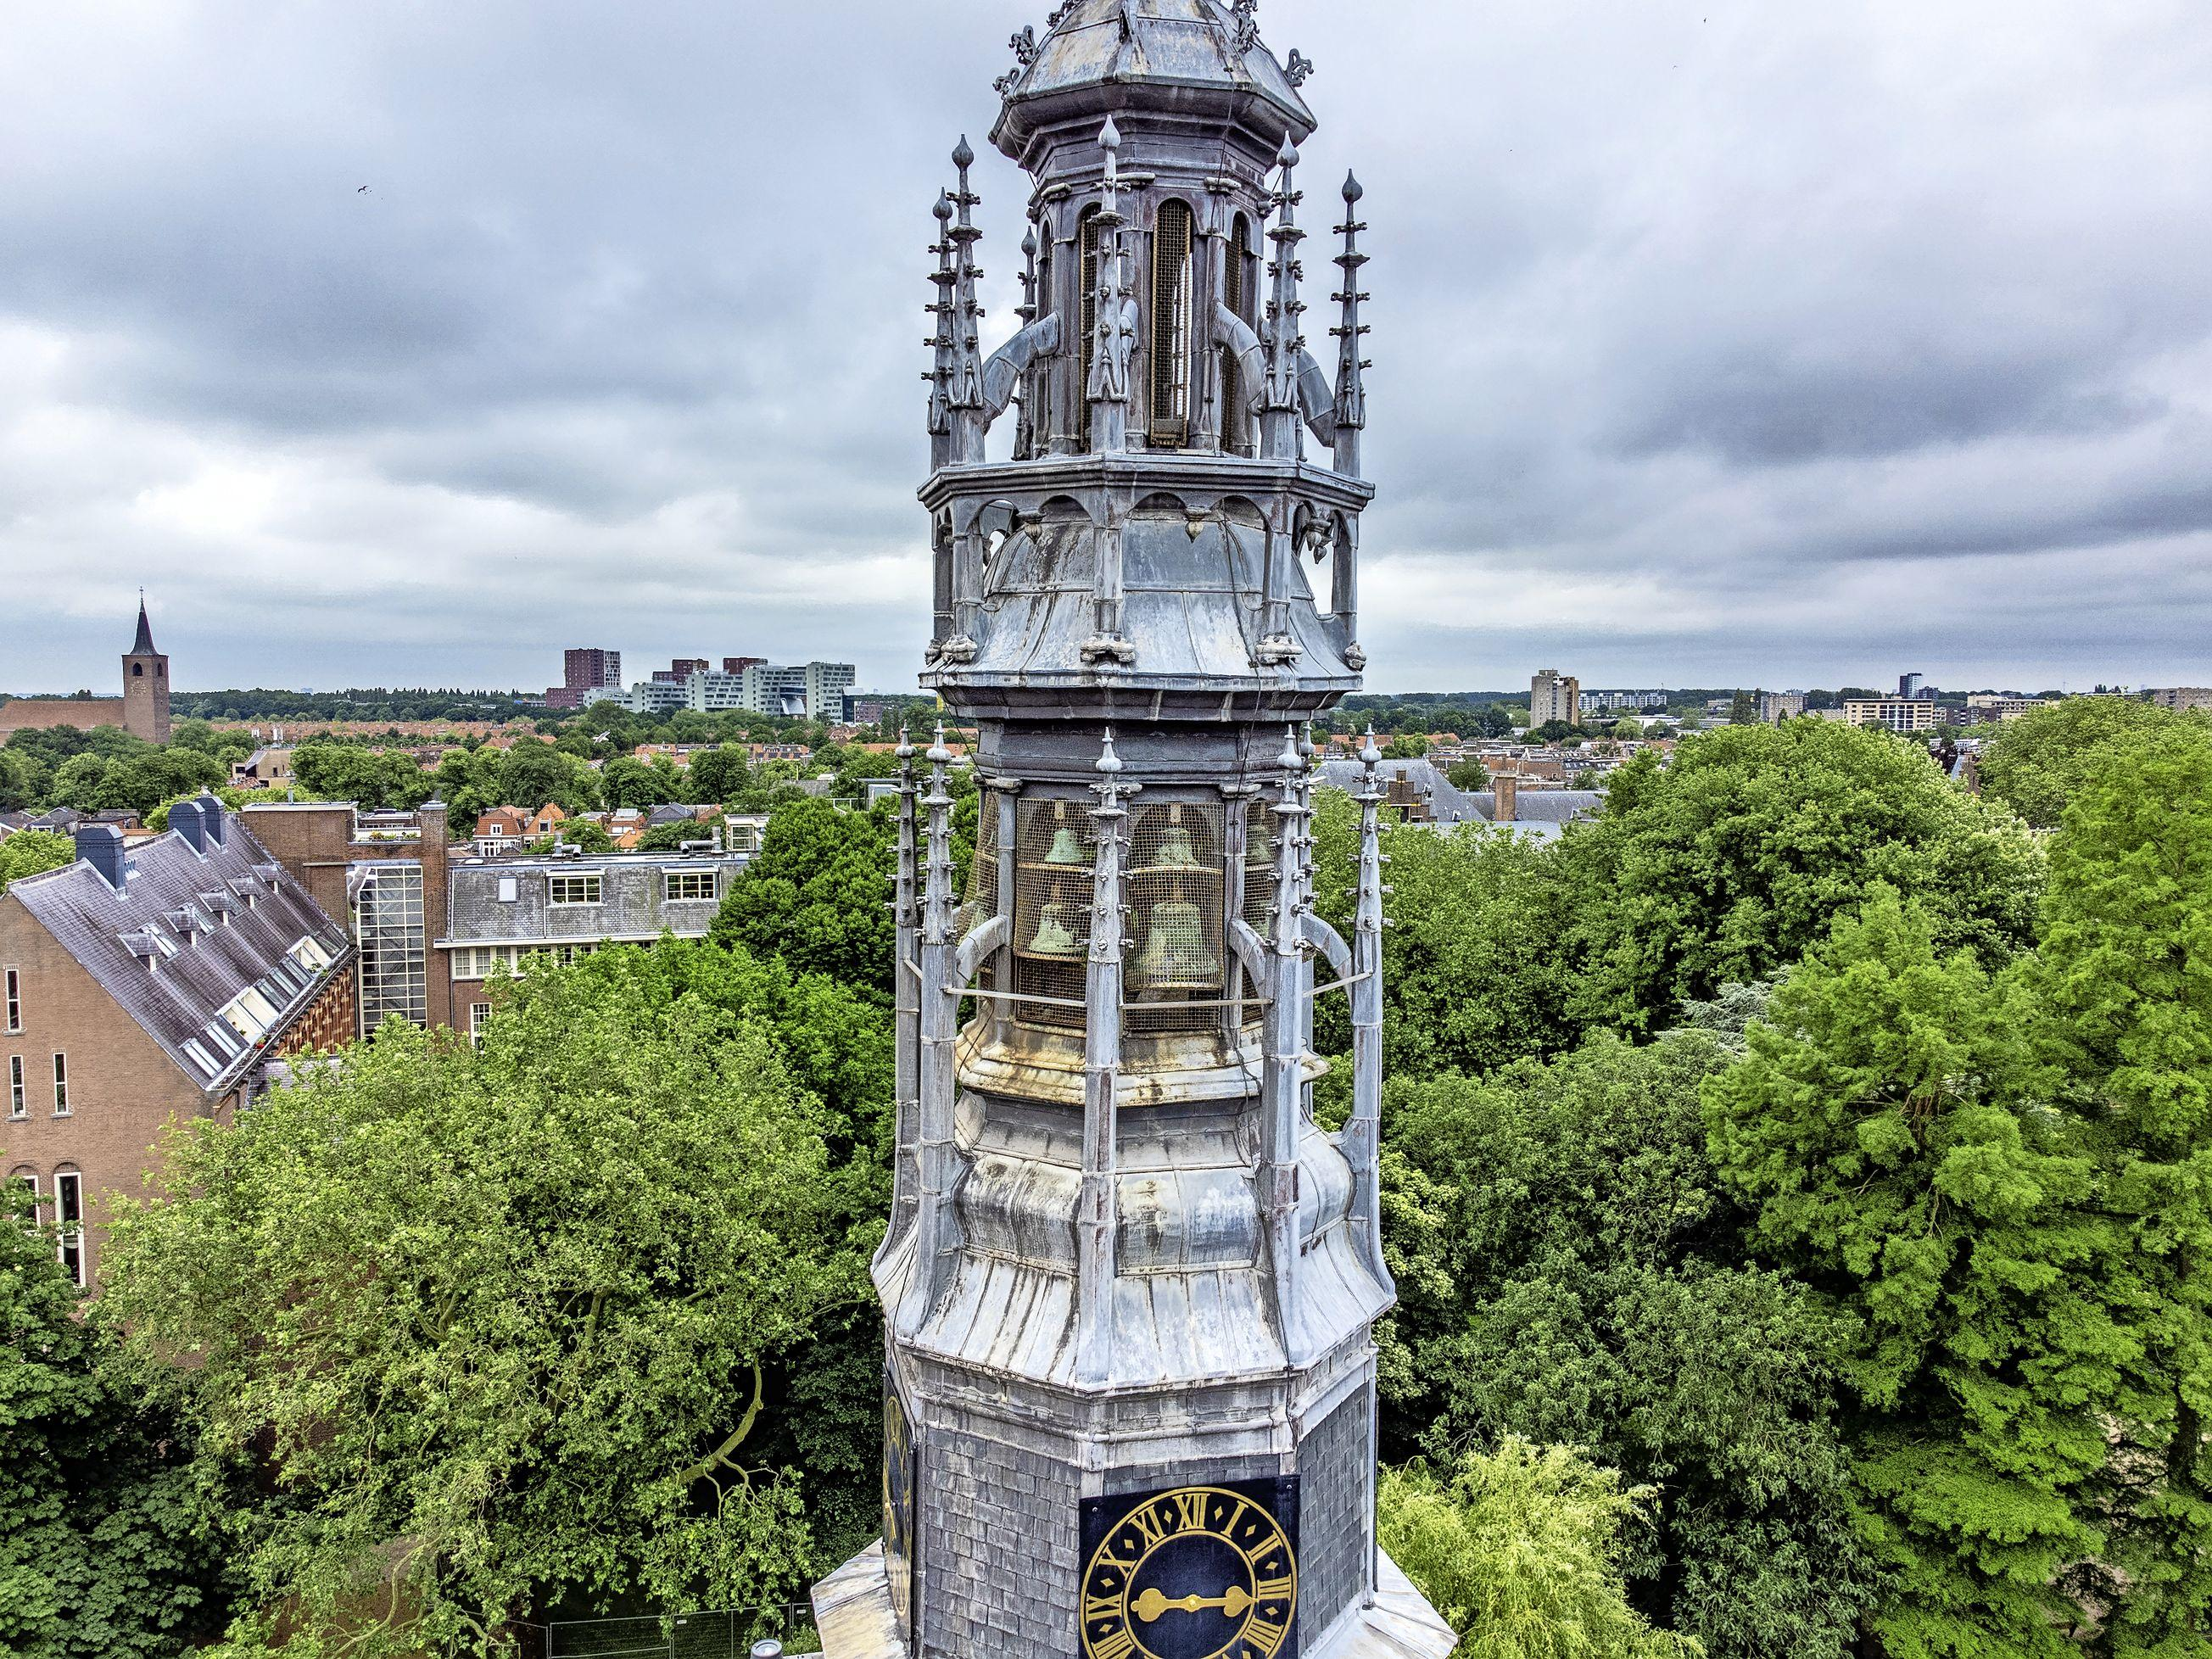 Restauratie carillon Leidse Lodewijkkerk voltooid: 'Er kunnen nu ook concerten worden gegeven'